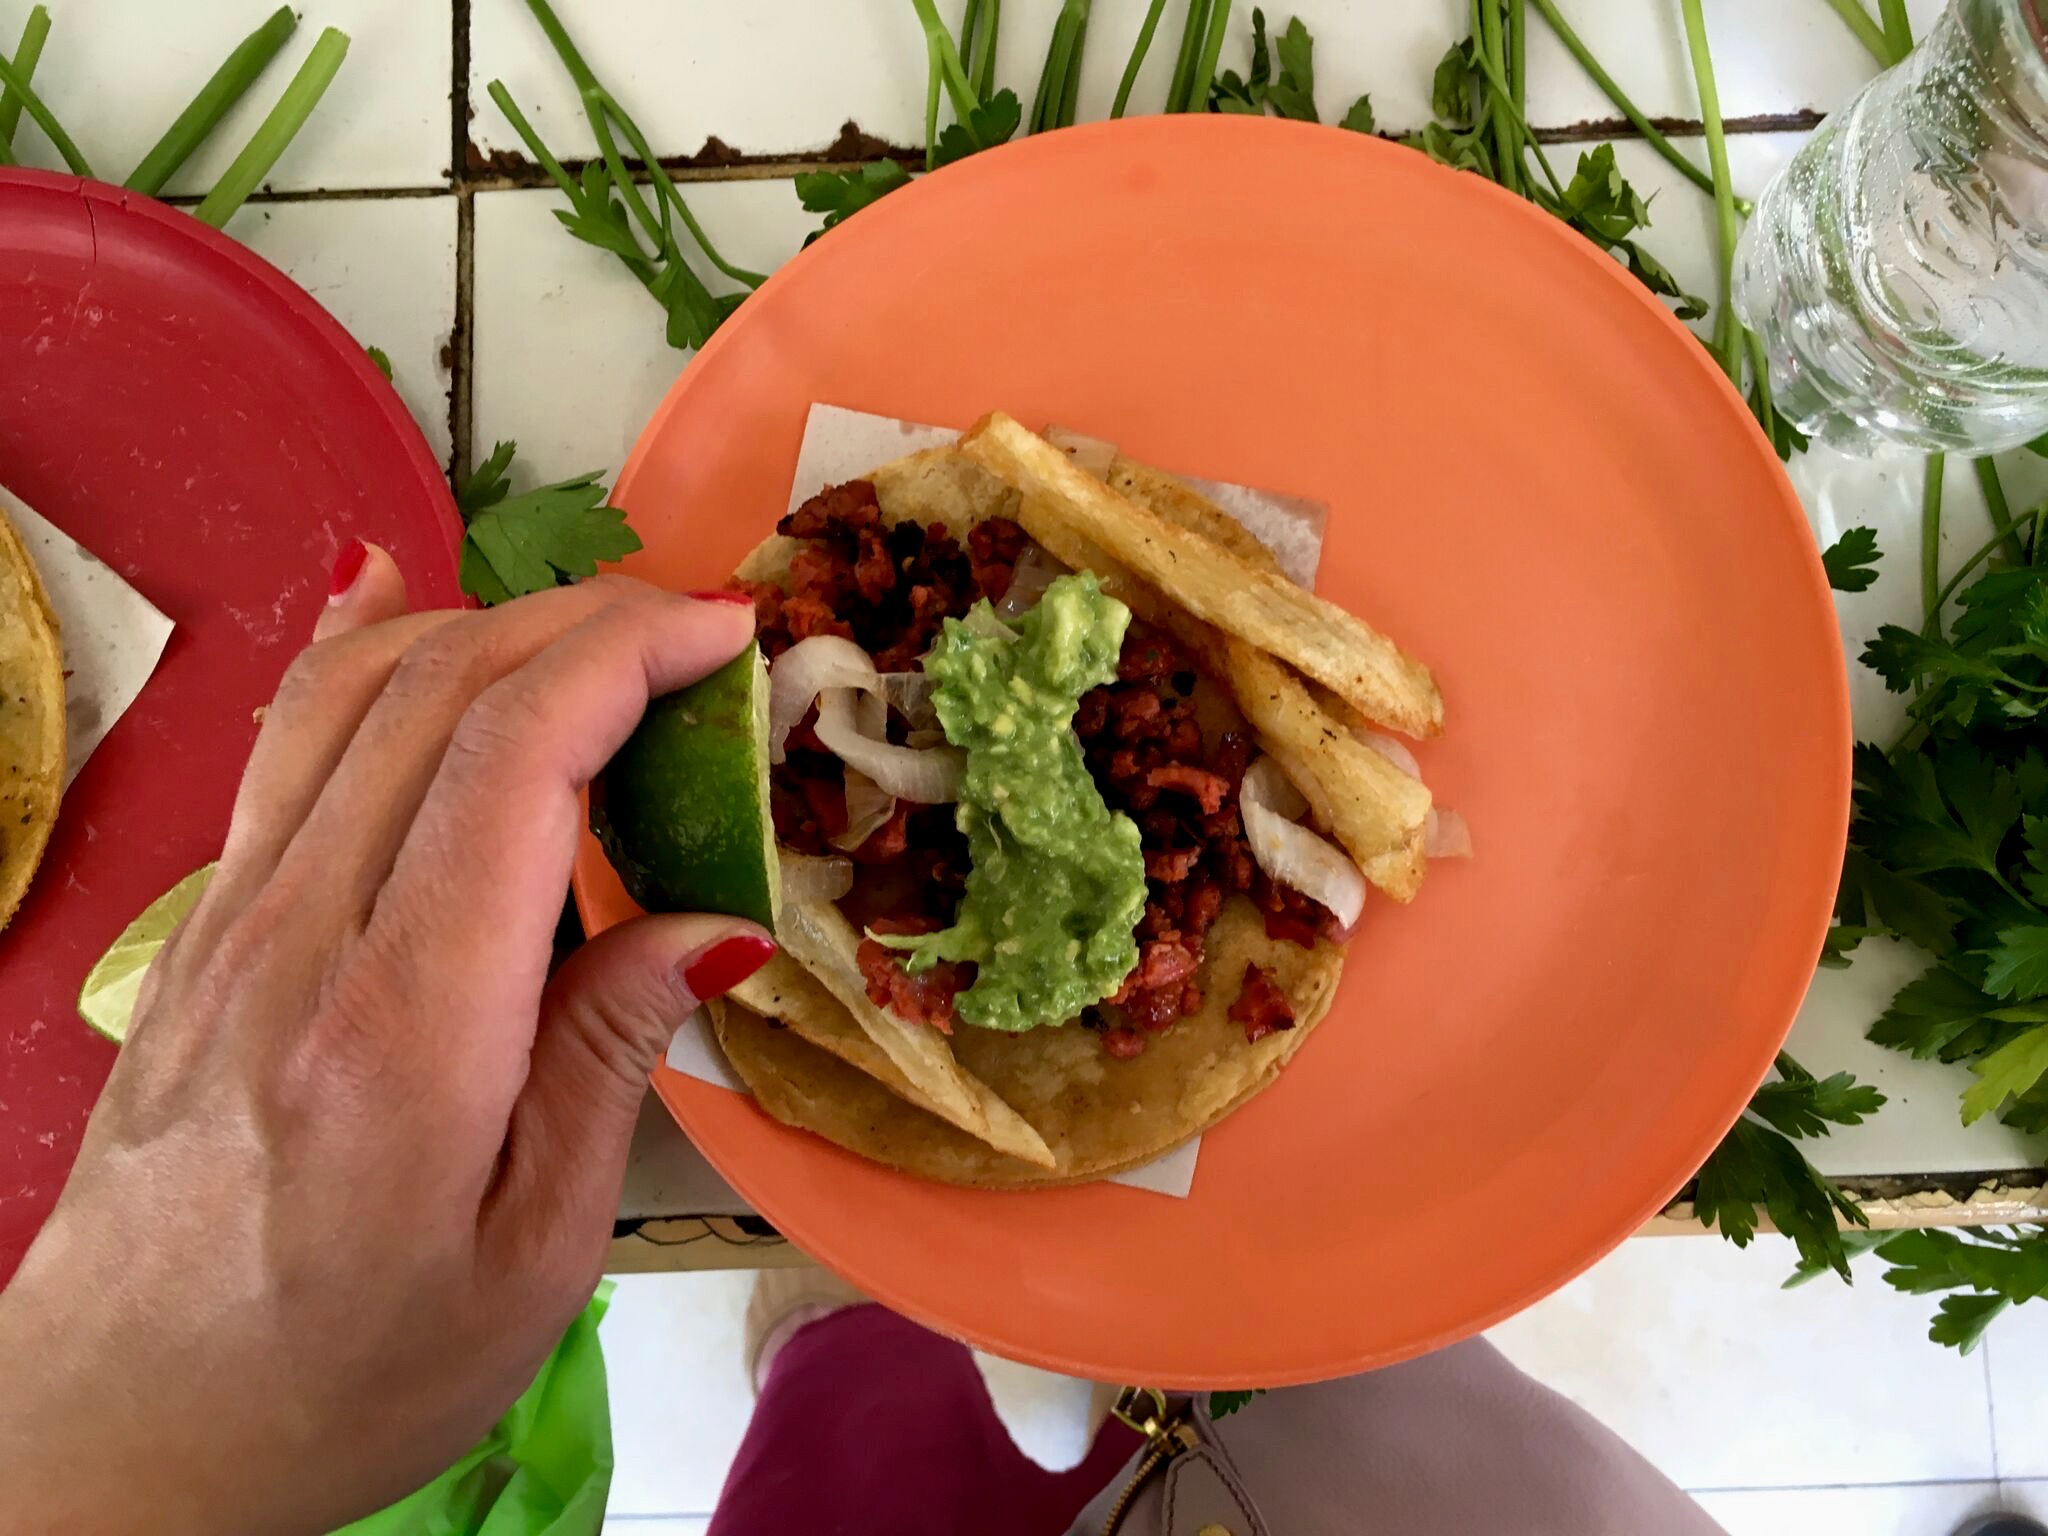 Taco de longaniza in Mexico City